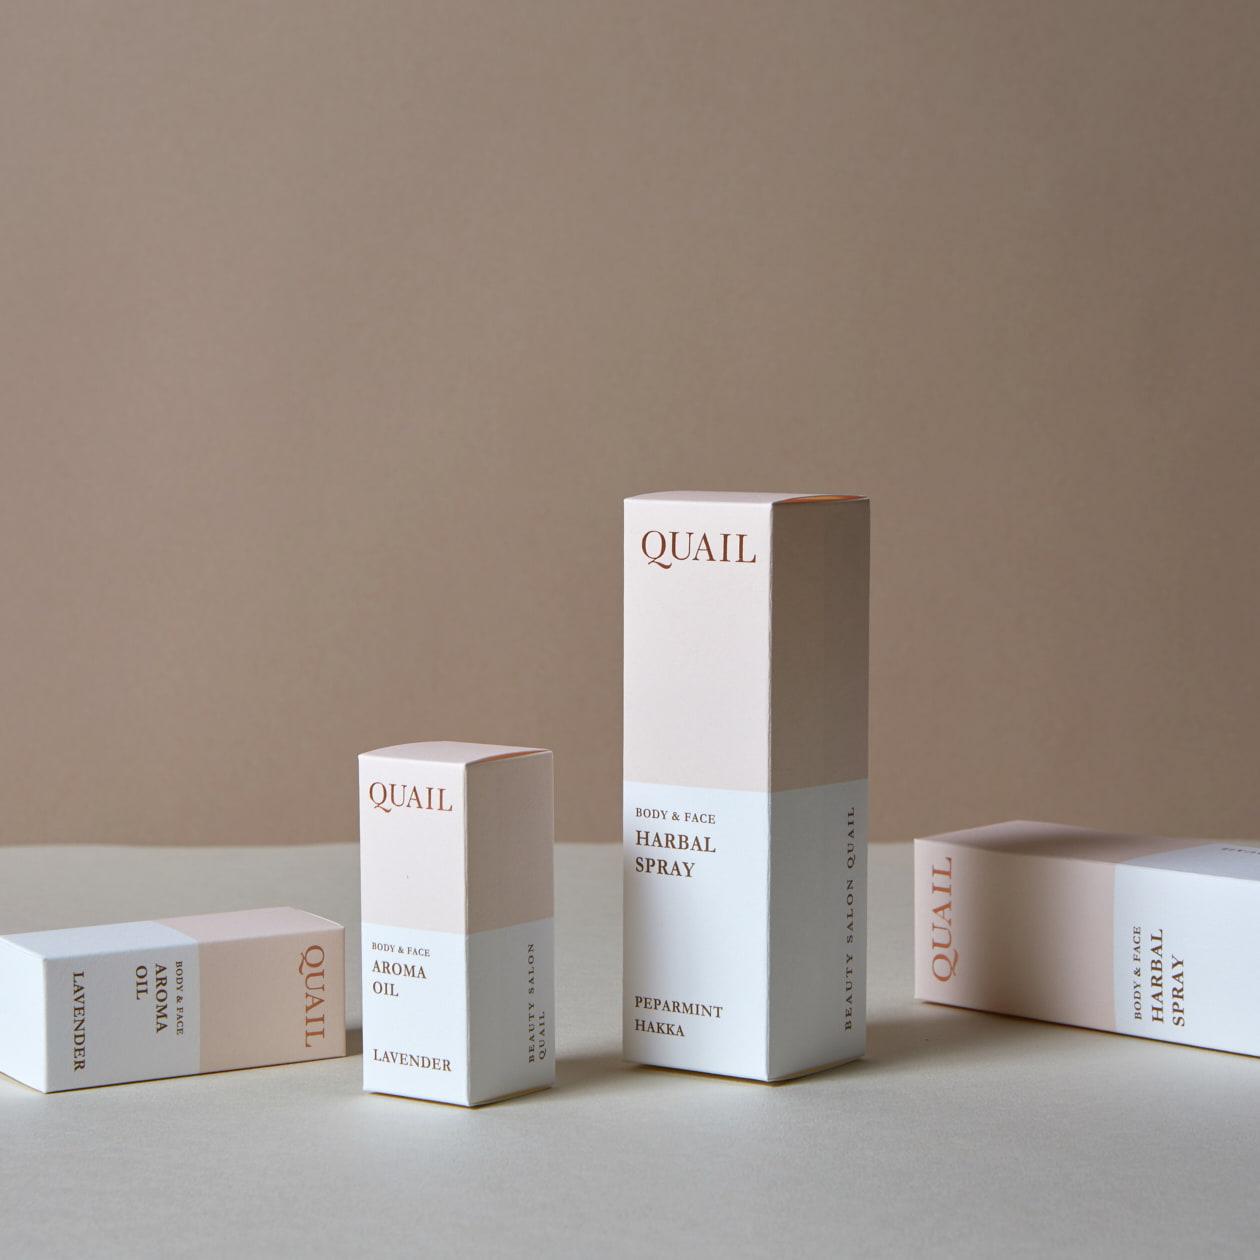 エステティックサロンのオリジナル商品パッケージ